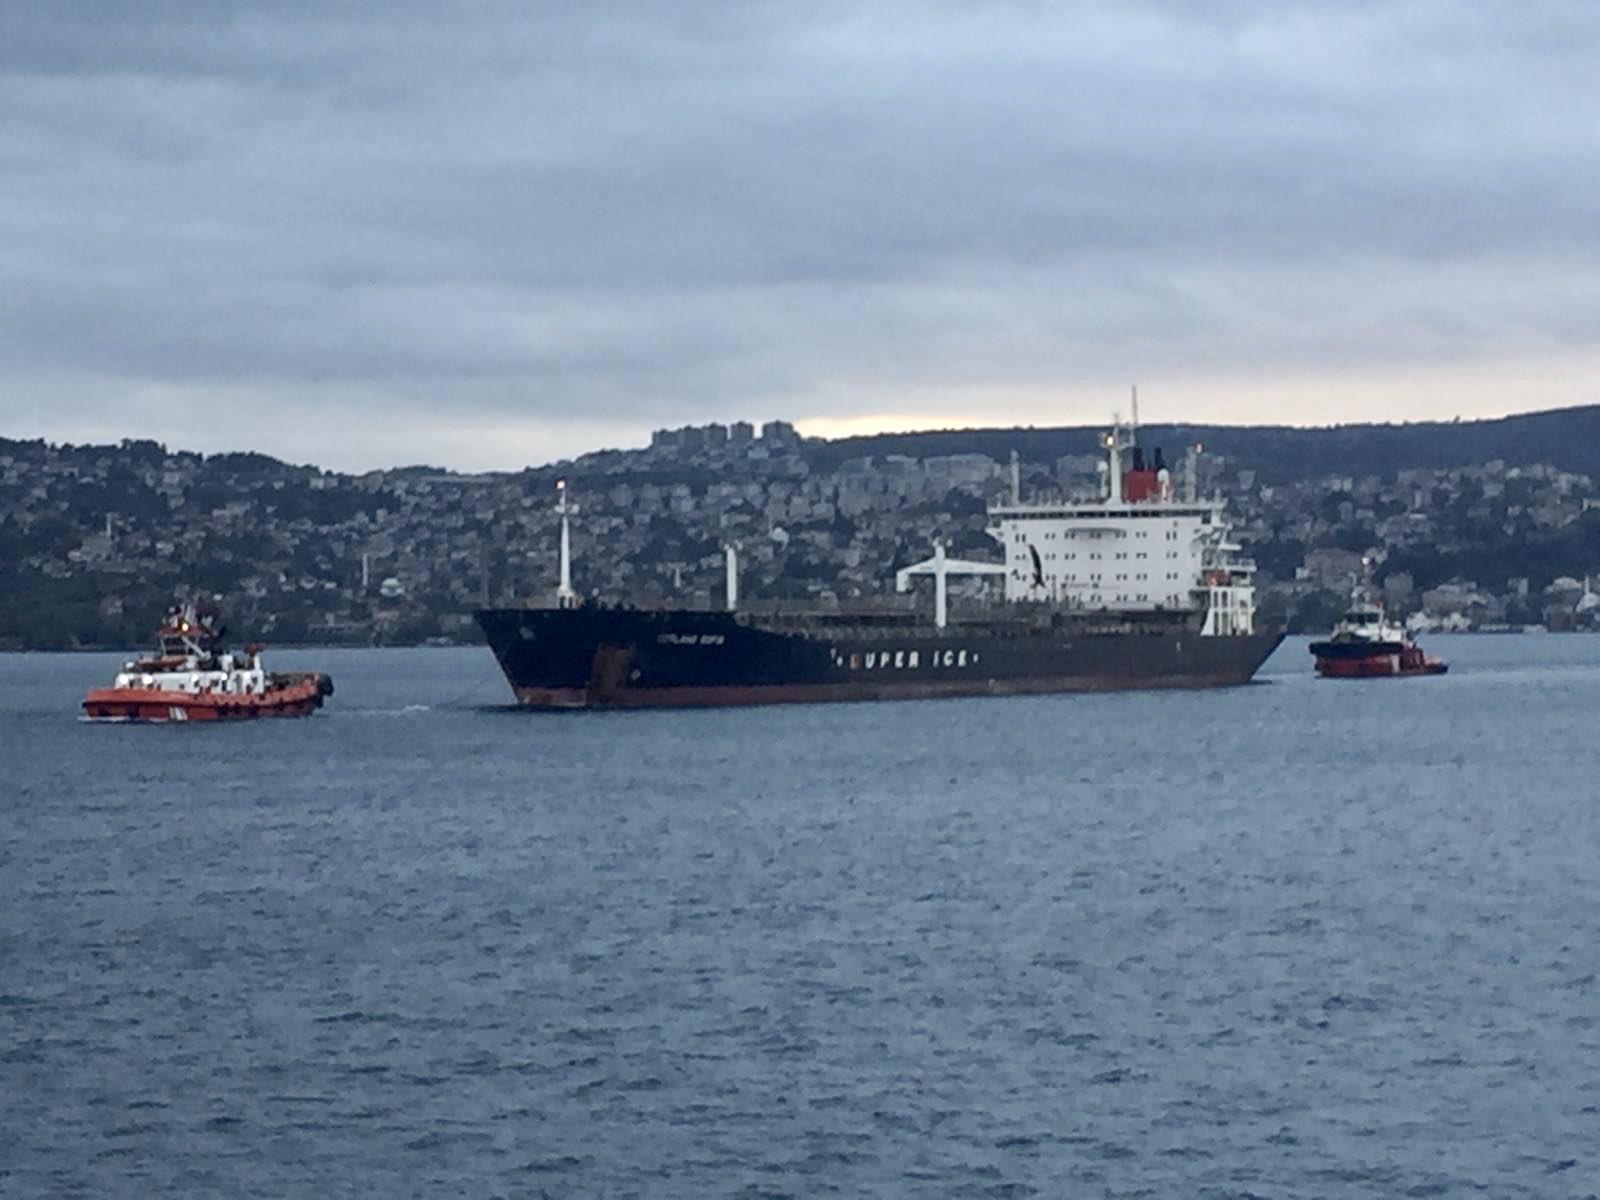 bogaz-yine-tehlike-atlatti-arizalanan-tanker-suruklendi-1327-dhaphoto3.jpg